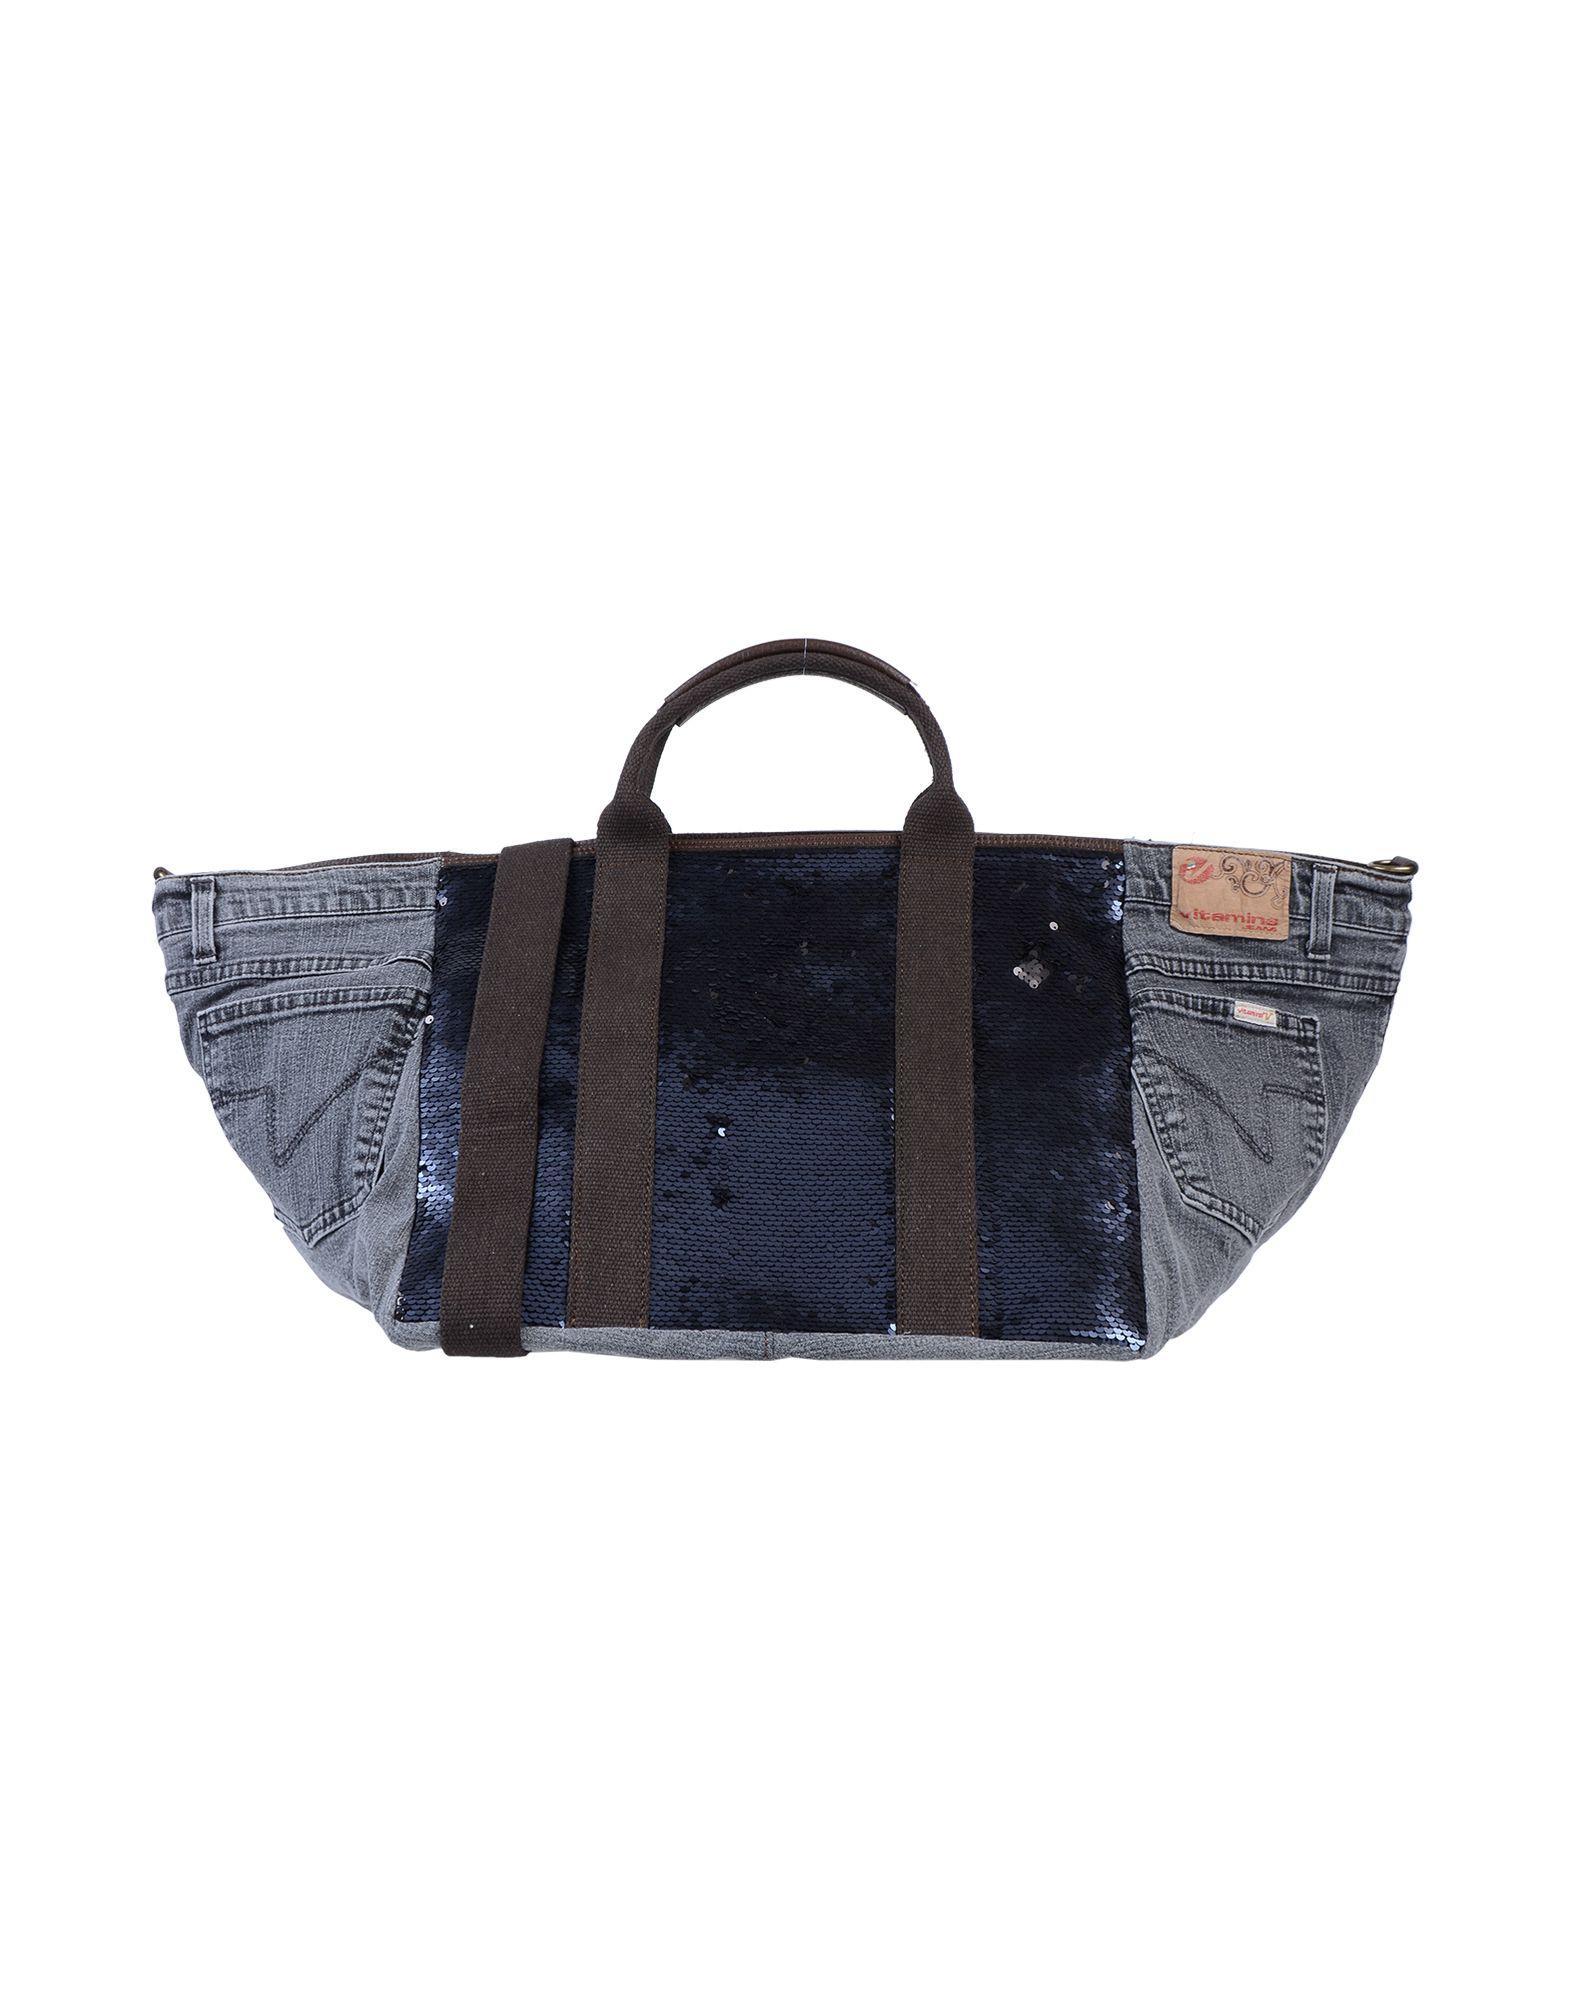 《送料無料》MAURY レディース ハンドバッグ スチールグレー 革 / 紡績繊維